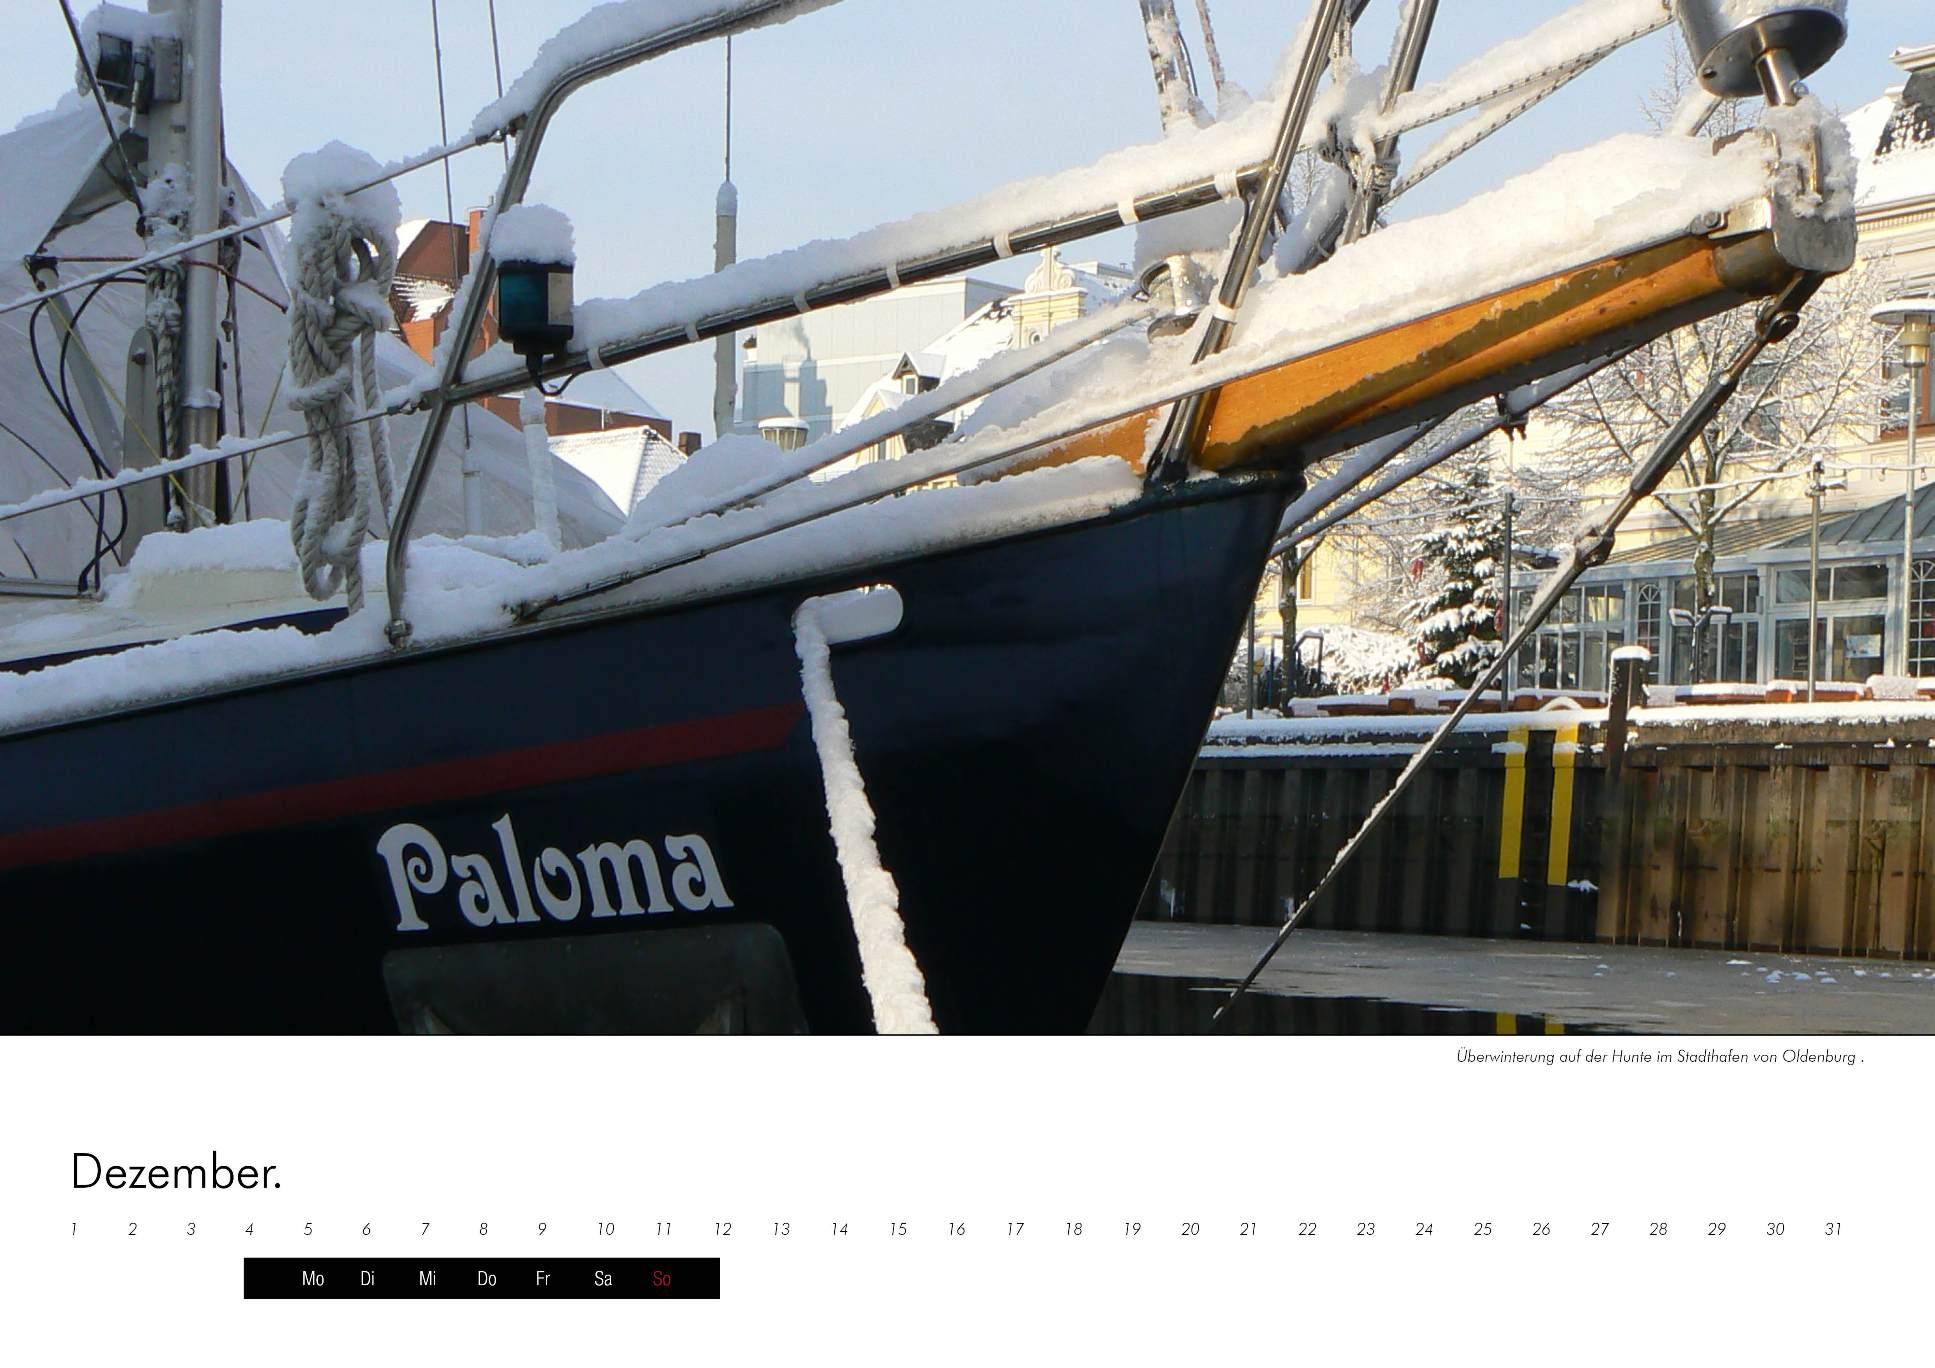 Kalenderbild des Segelschiffs Paloma im Winter - immerwährenden Kalender